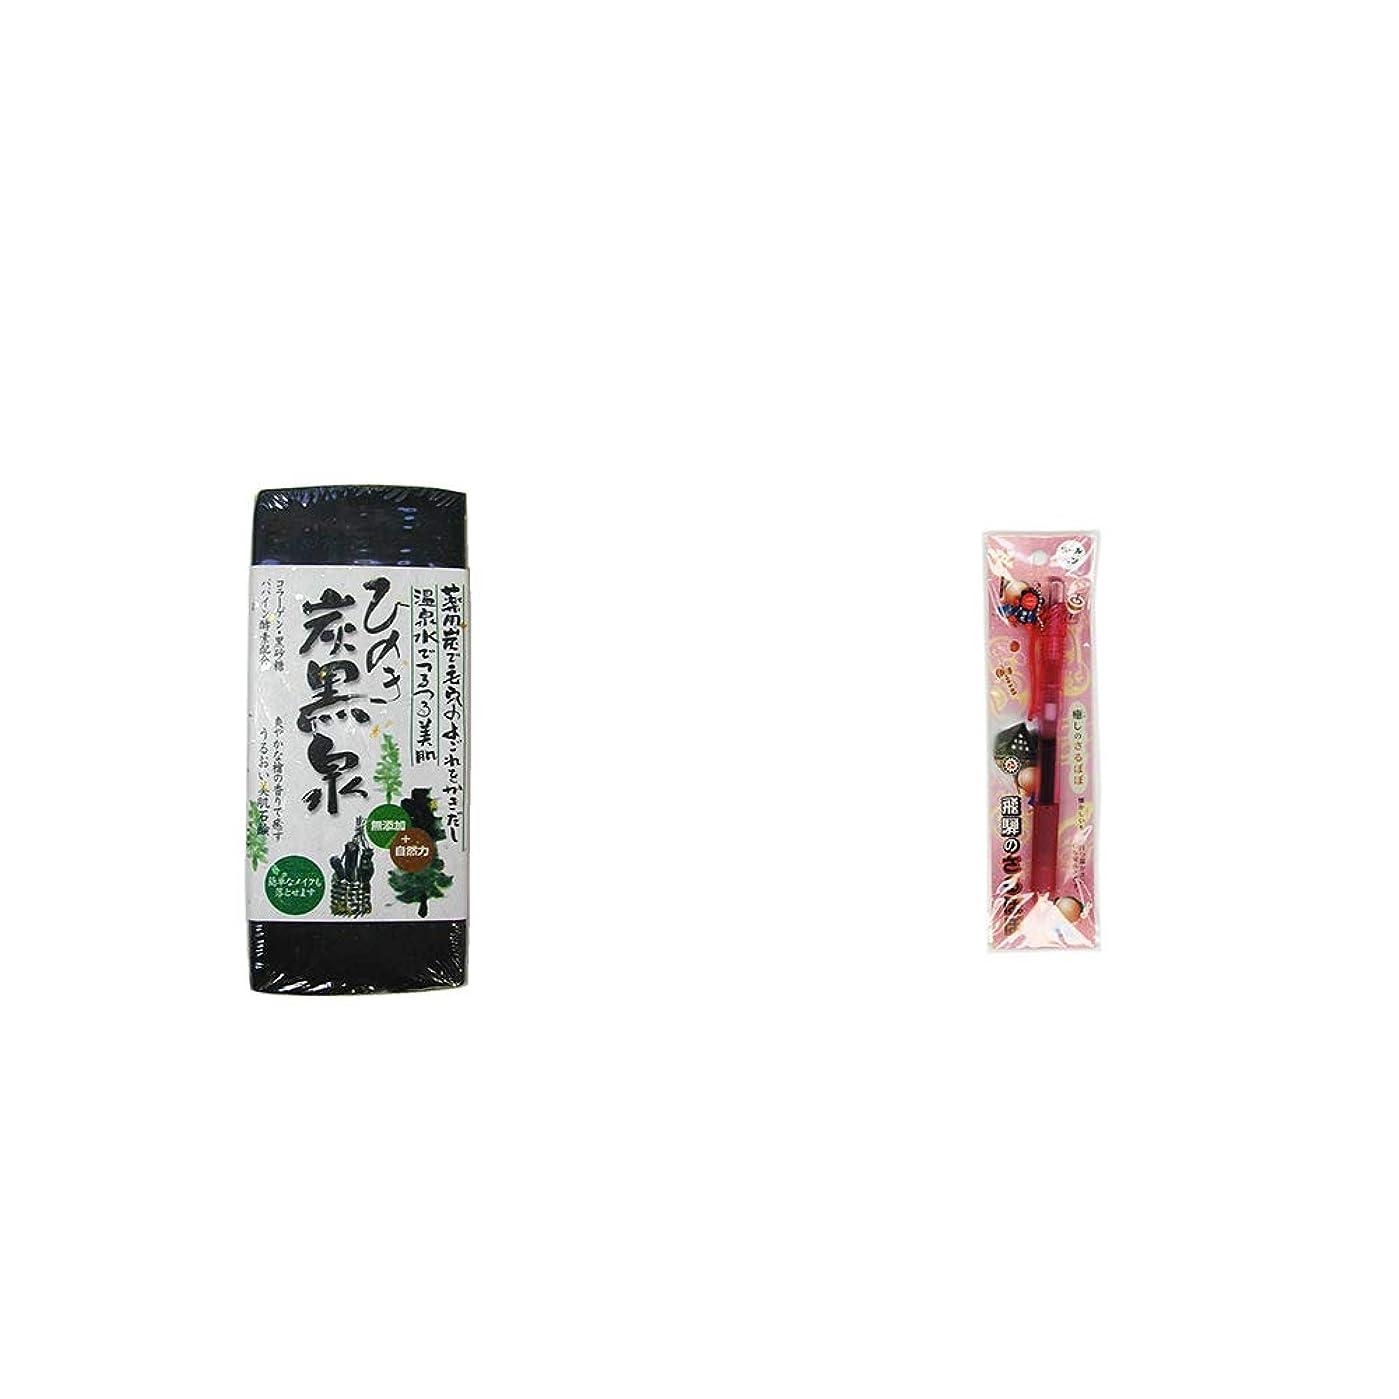 レビュアーもチャット[2点セット] ひのき炭黒泉(75g×2)?さるぼぼ 癒しボールペン 【ピンク】